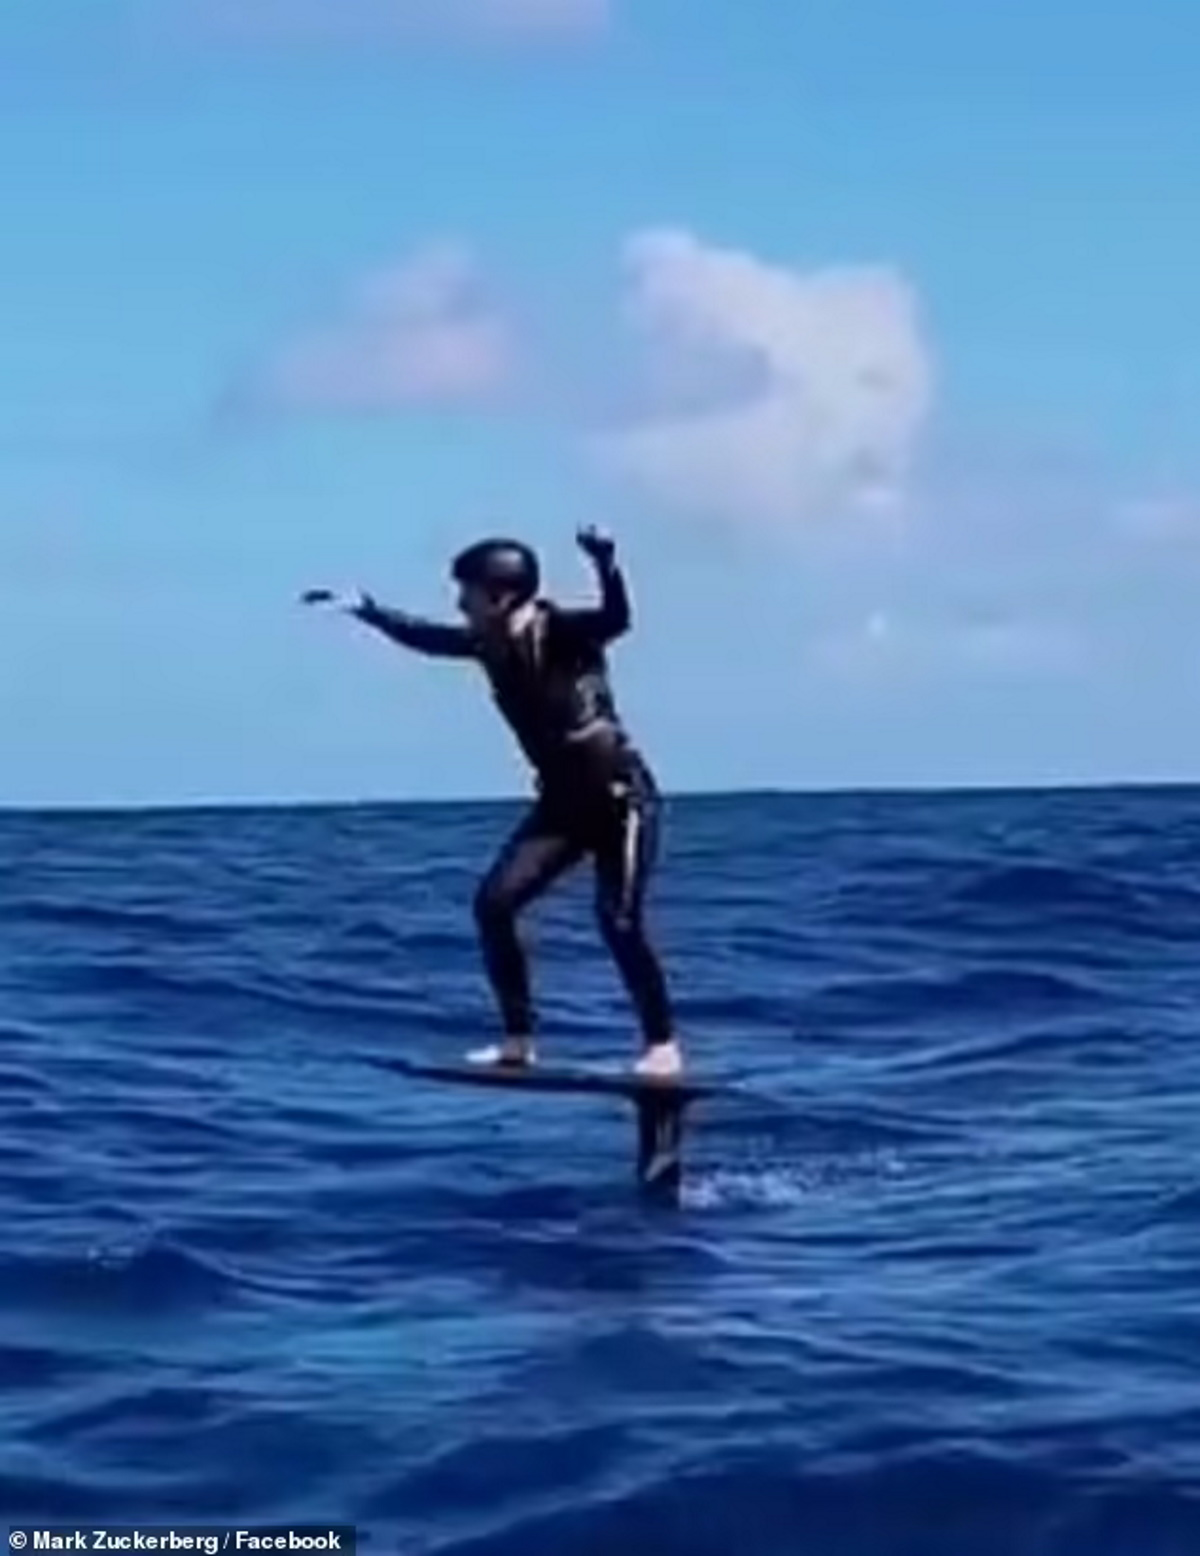 موج سواری مارک زاکربرگ در تولد ۳۷ سالگیاش